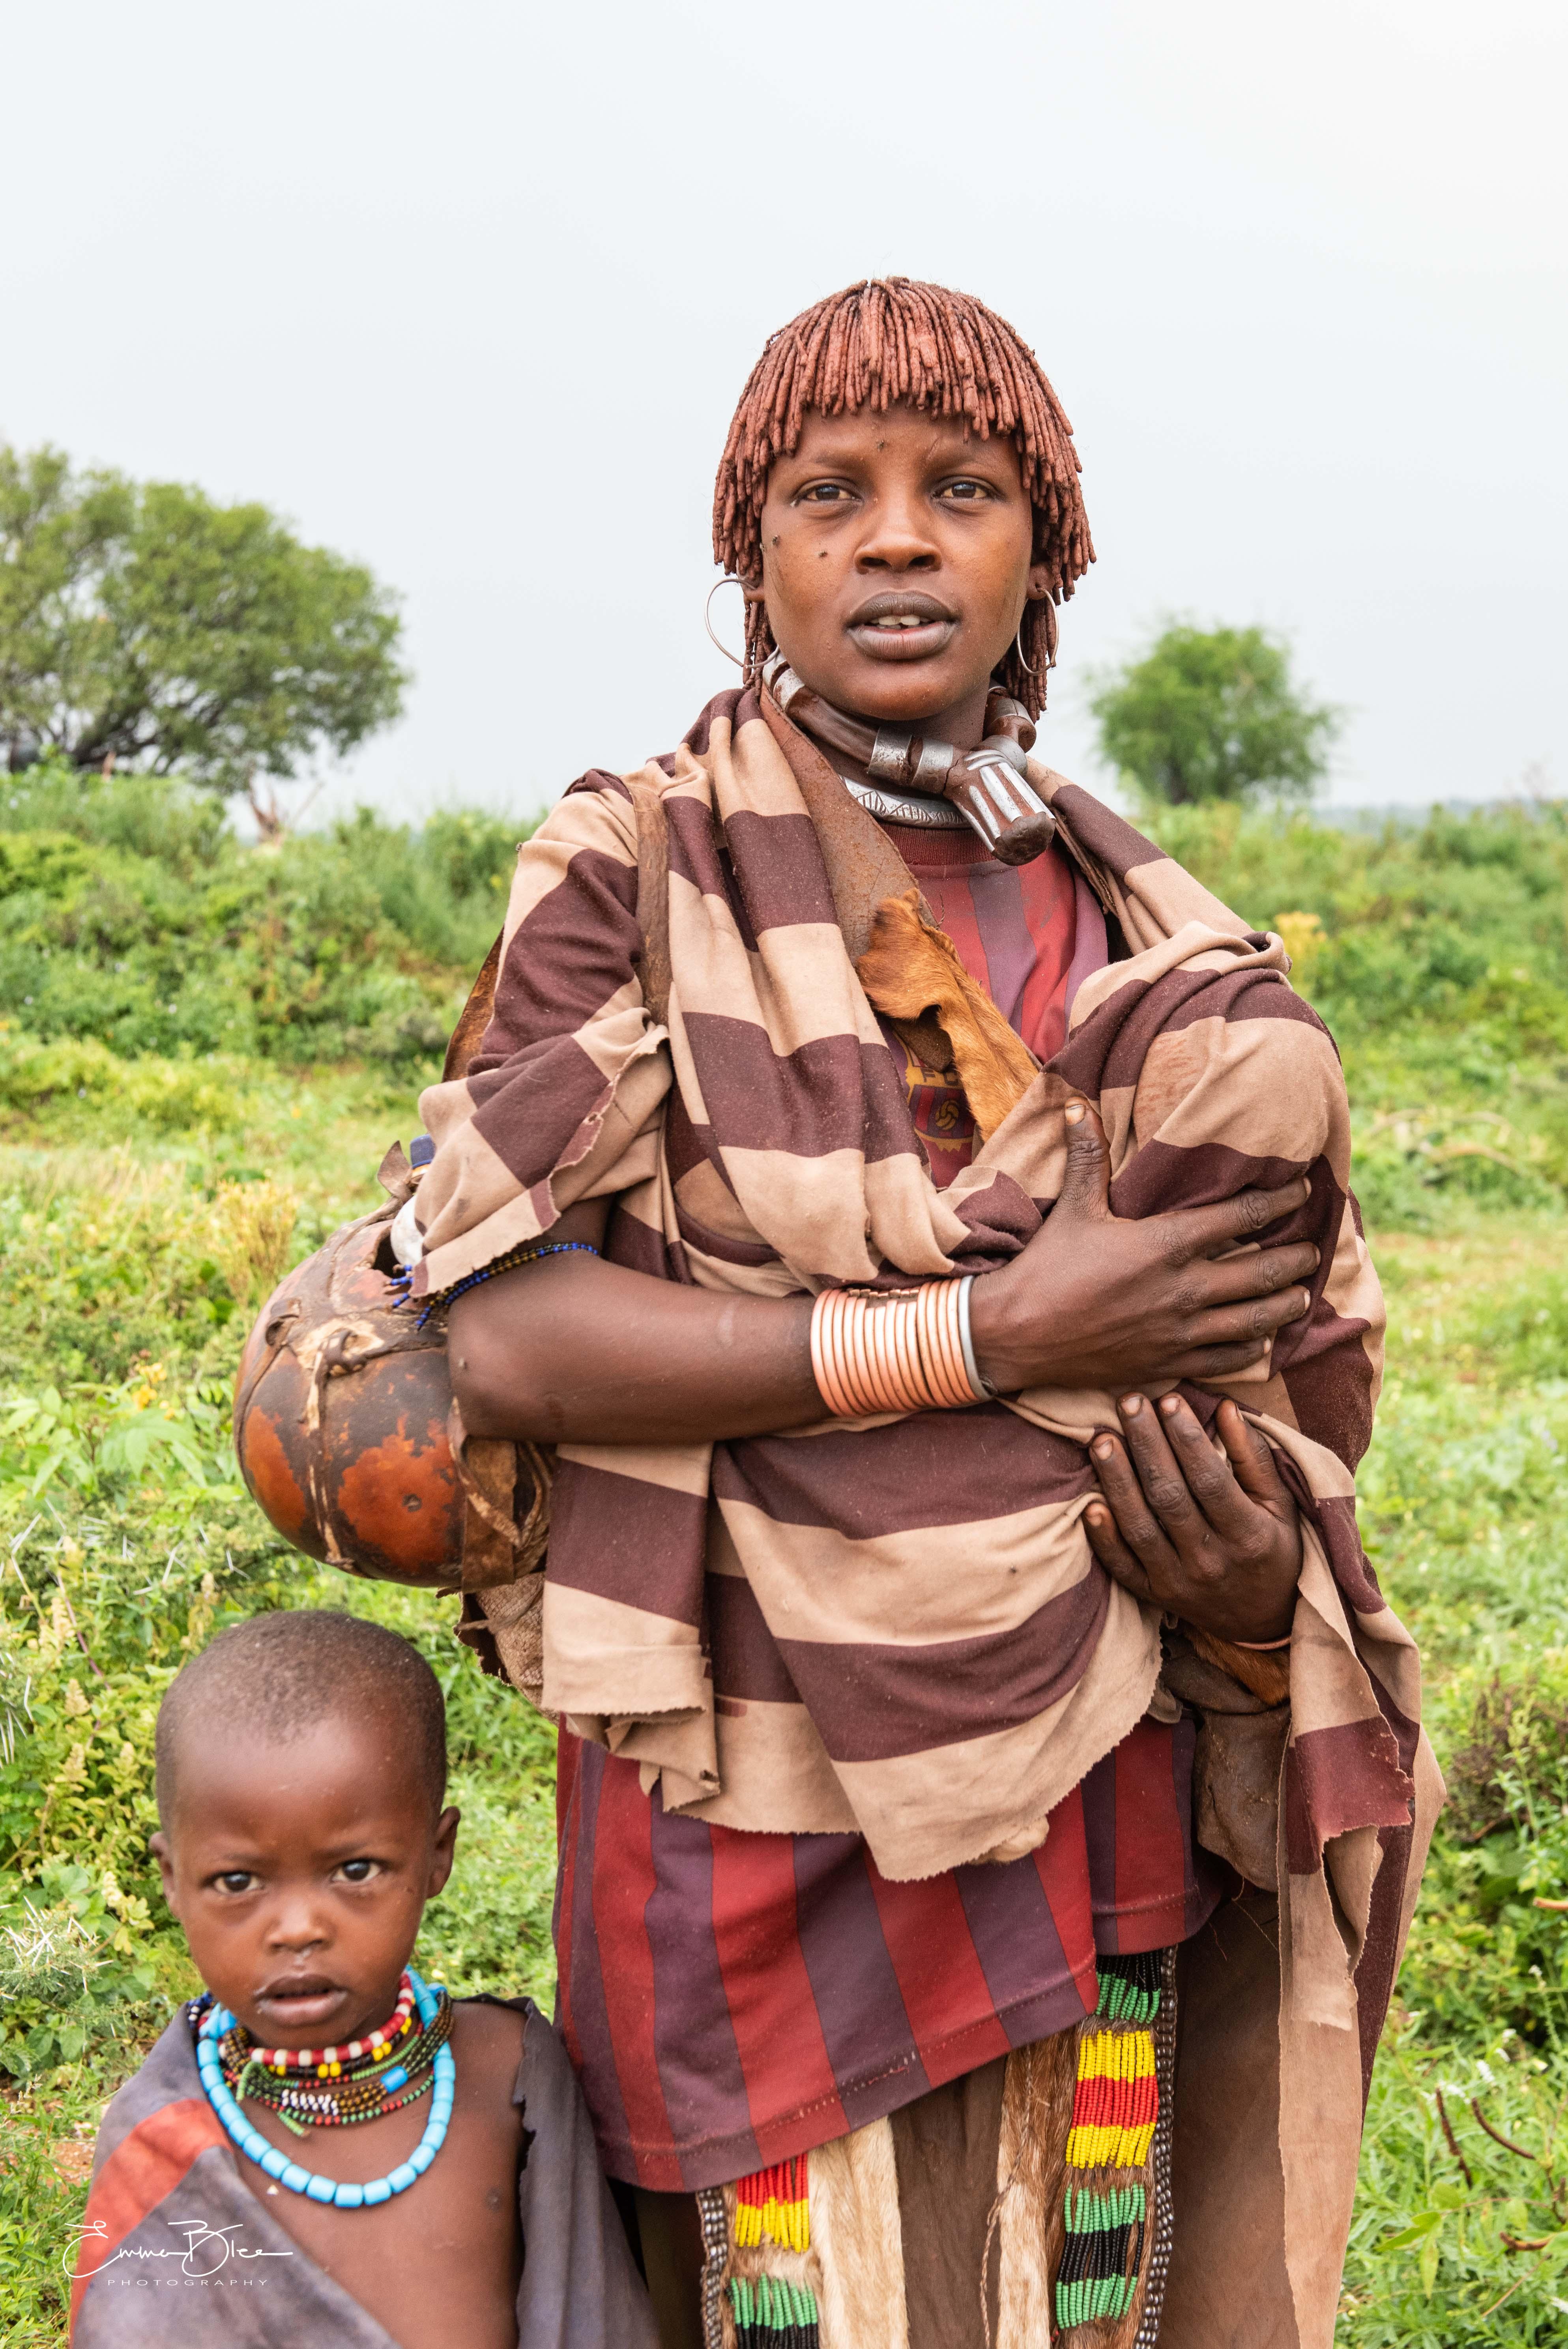 EB_20_01_12_Ethiopia_2392